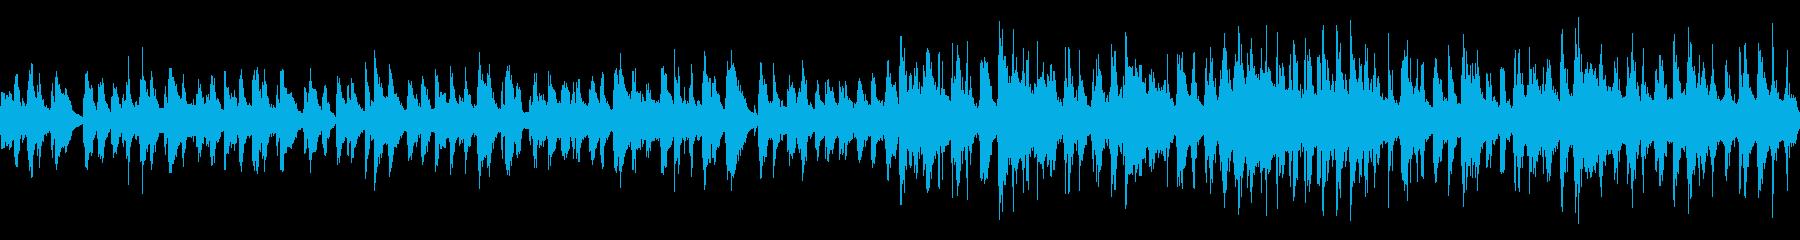 テンポの良いシロフォン【ループ素材系】の再生済みの波形